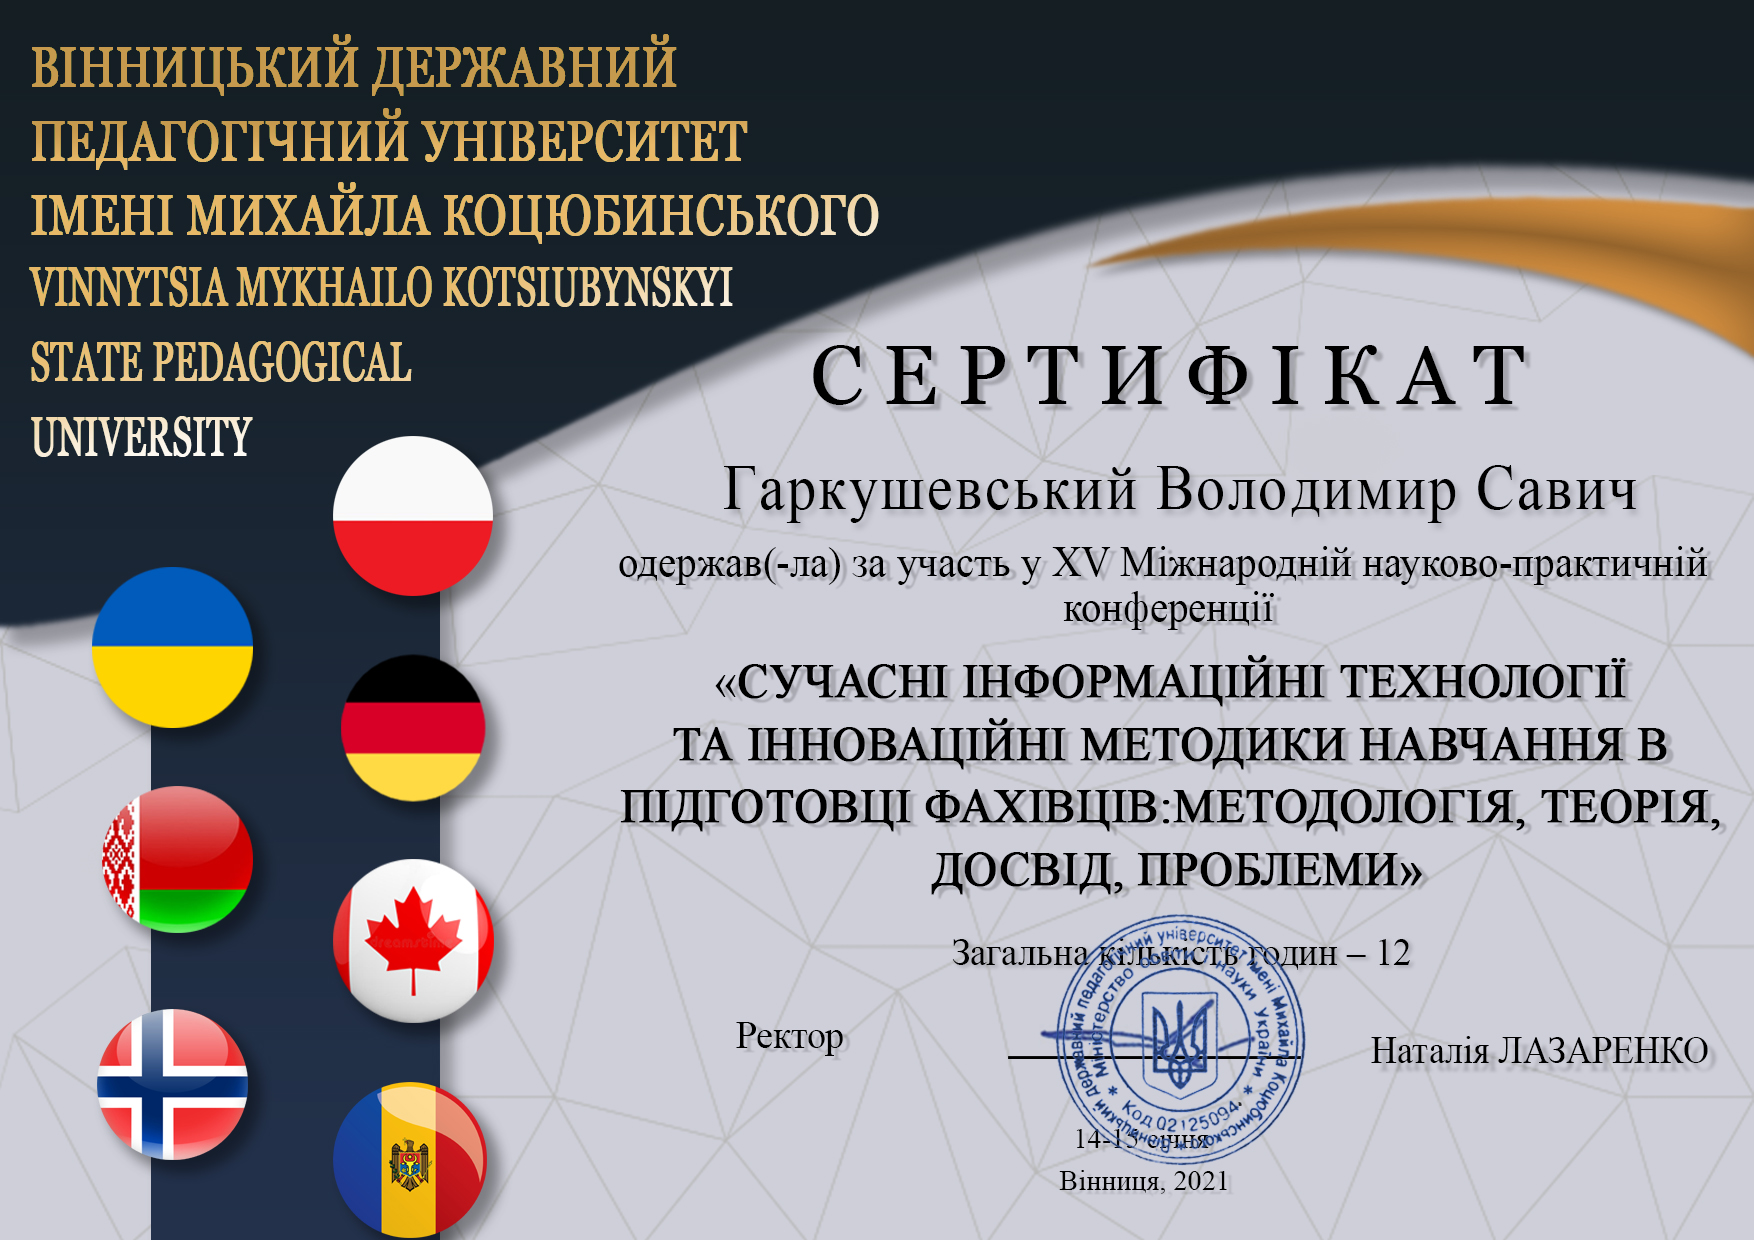 Гаркушевський Володимир Савич